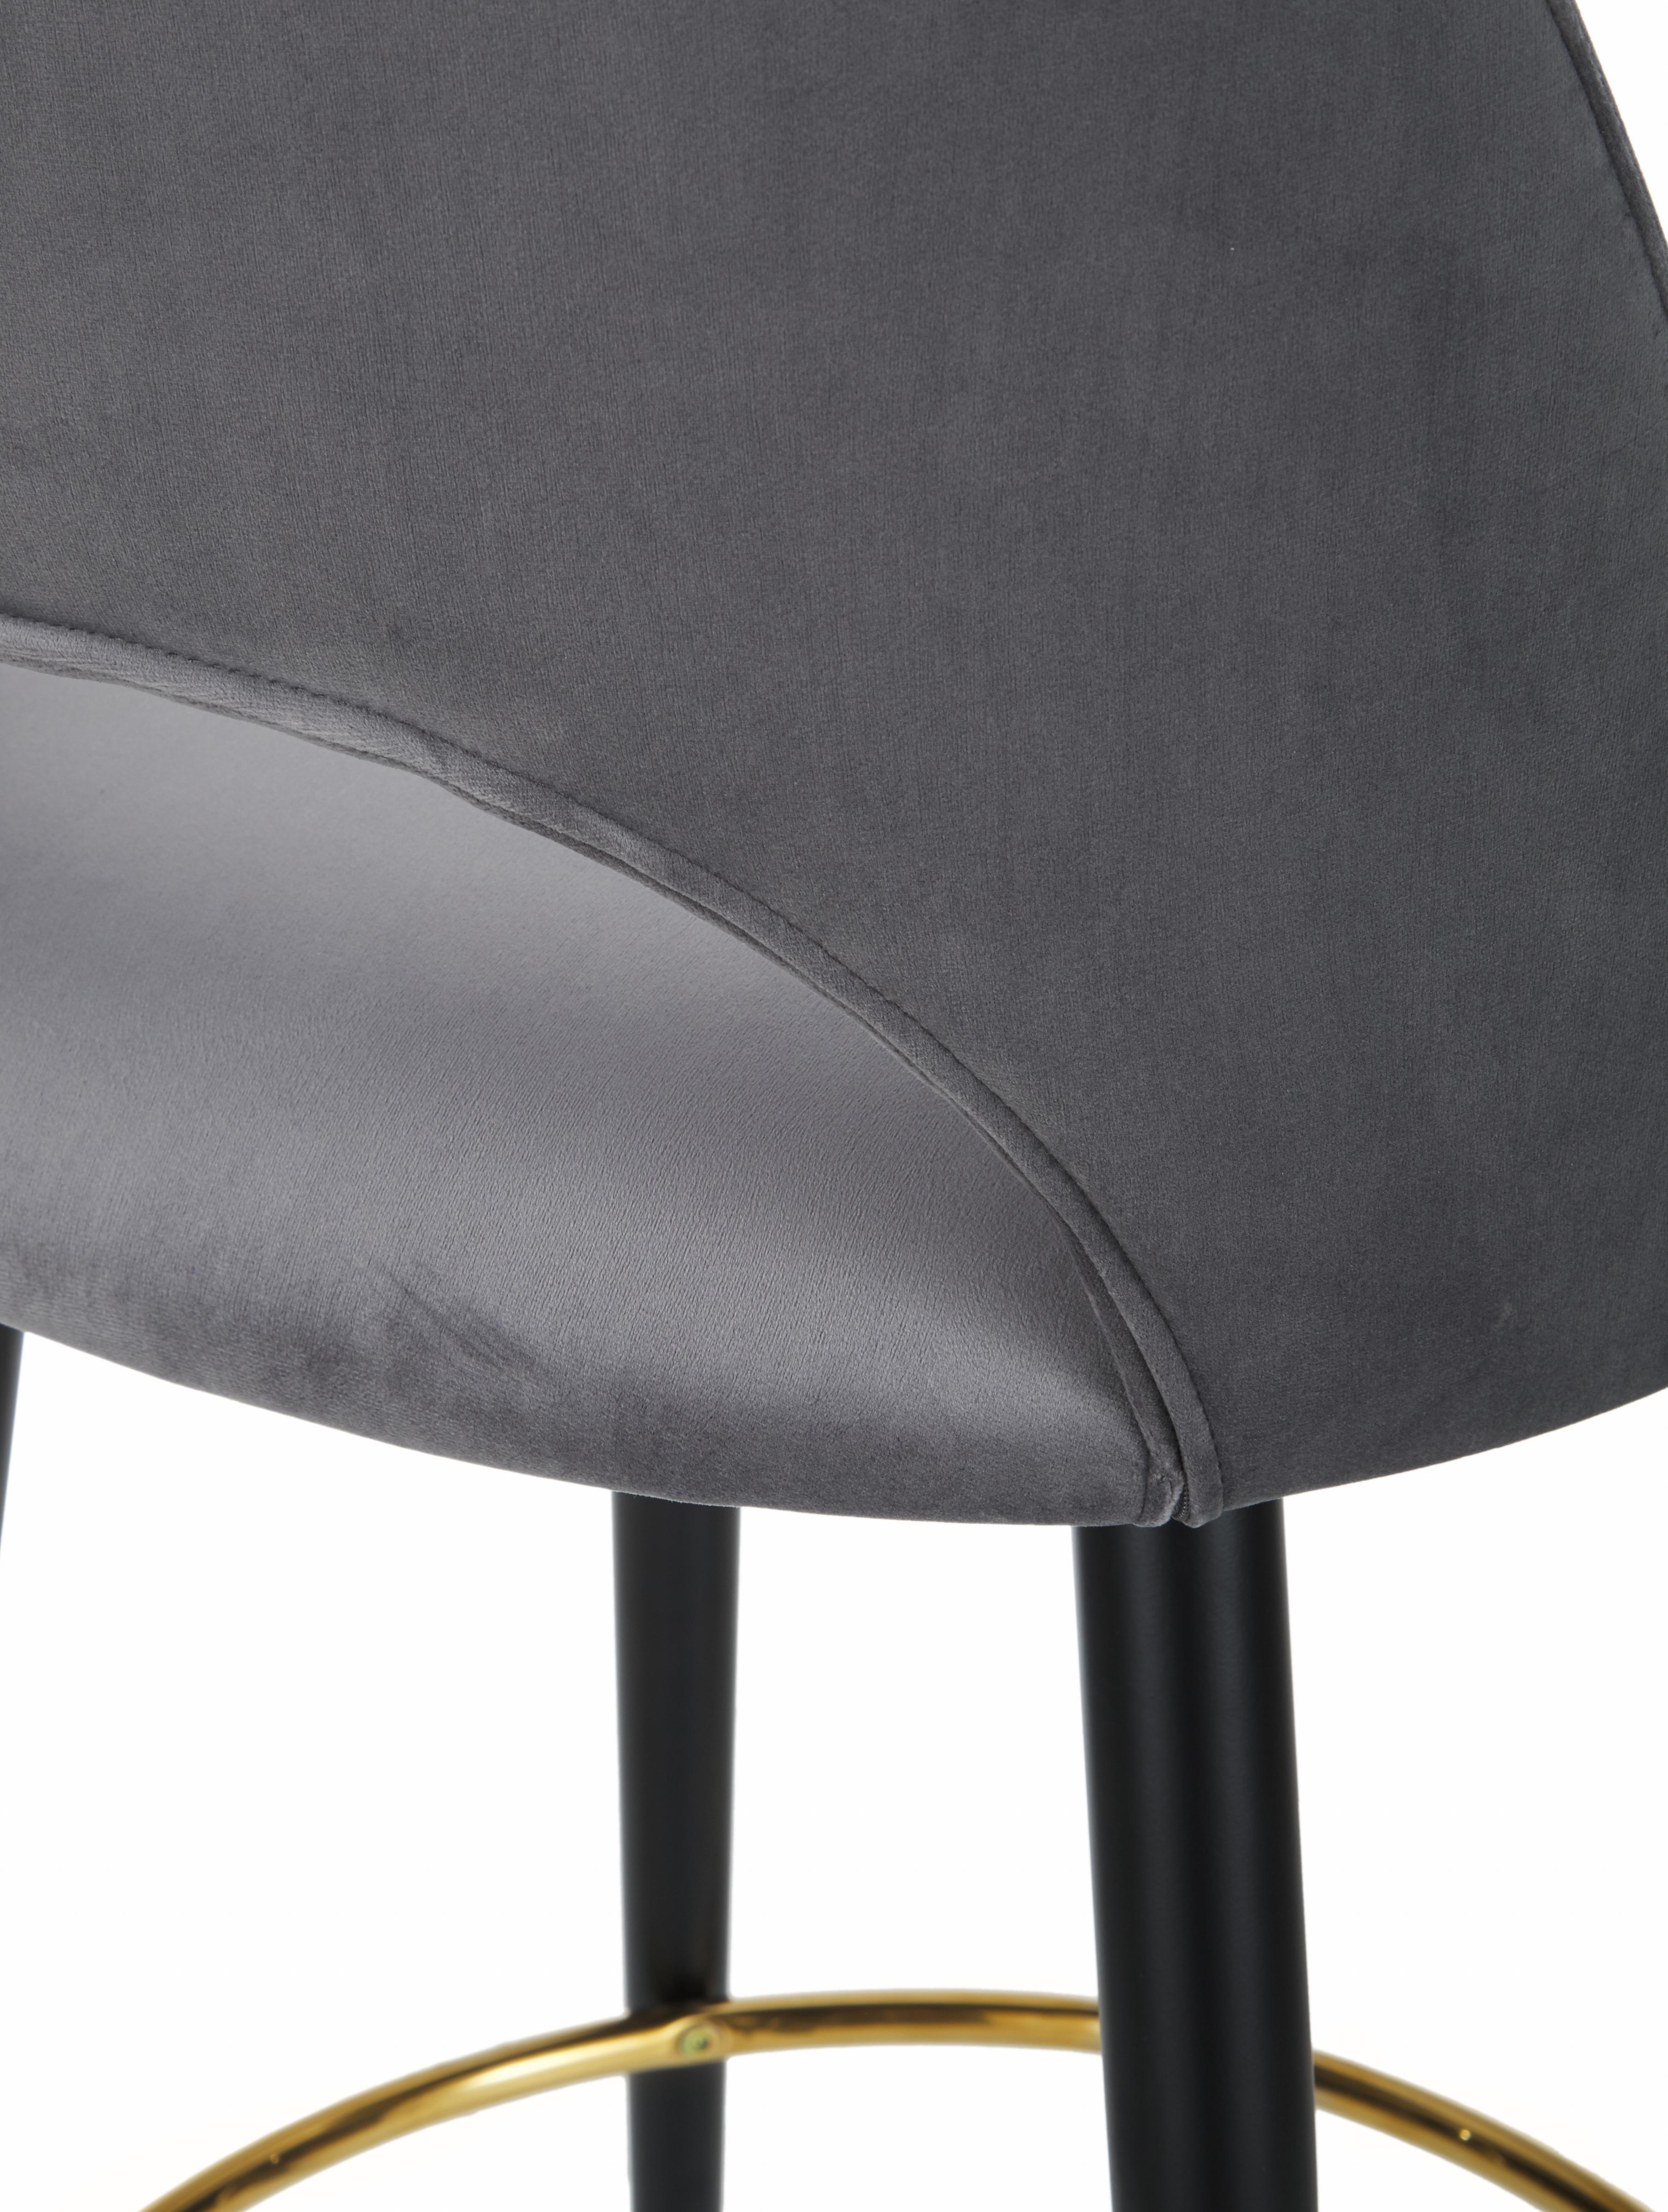 Sedia da bar in velluto Rachel, Rivestimento: velluto (poliestere) 50.0, Gambe: metallo verniciato a polv, Velluto grigio acciaio, Larg